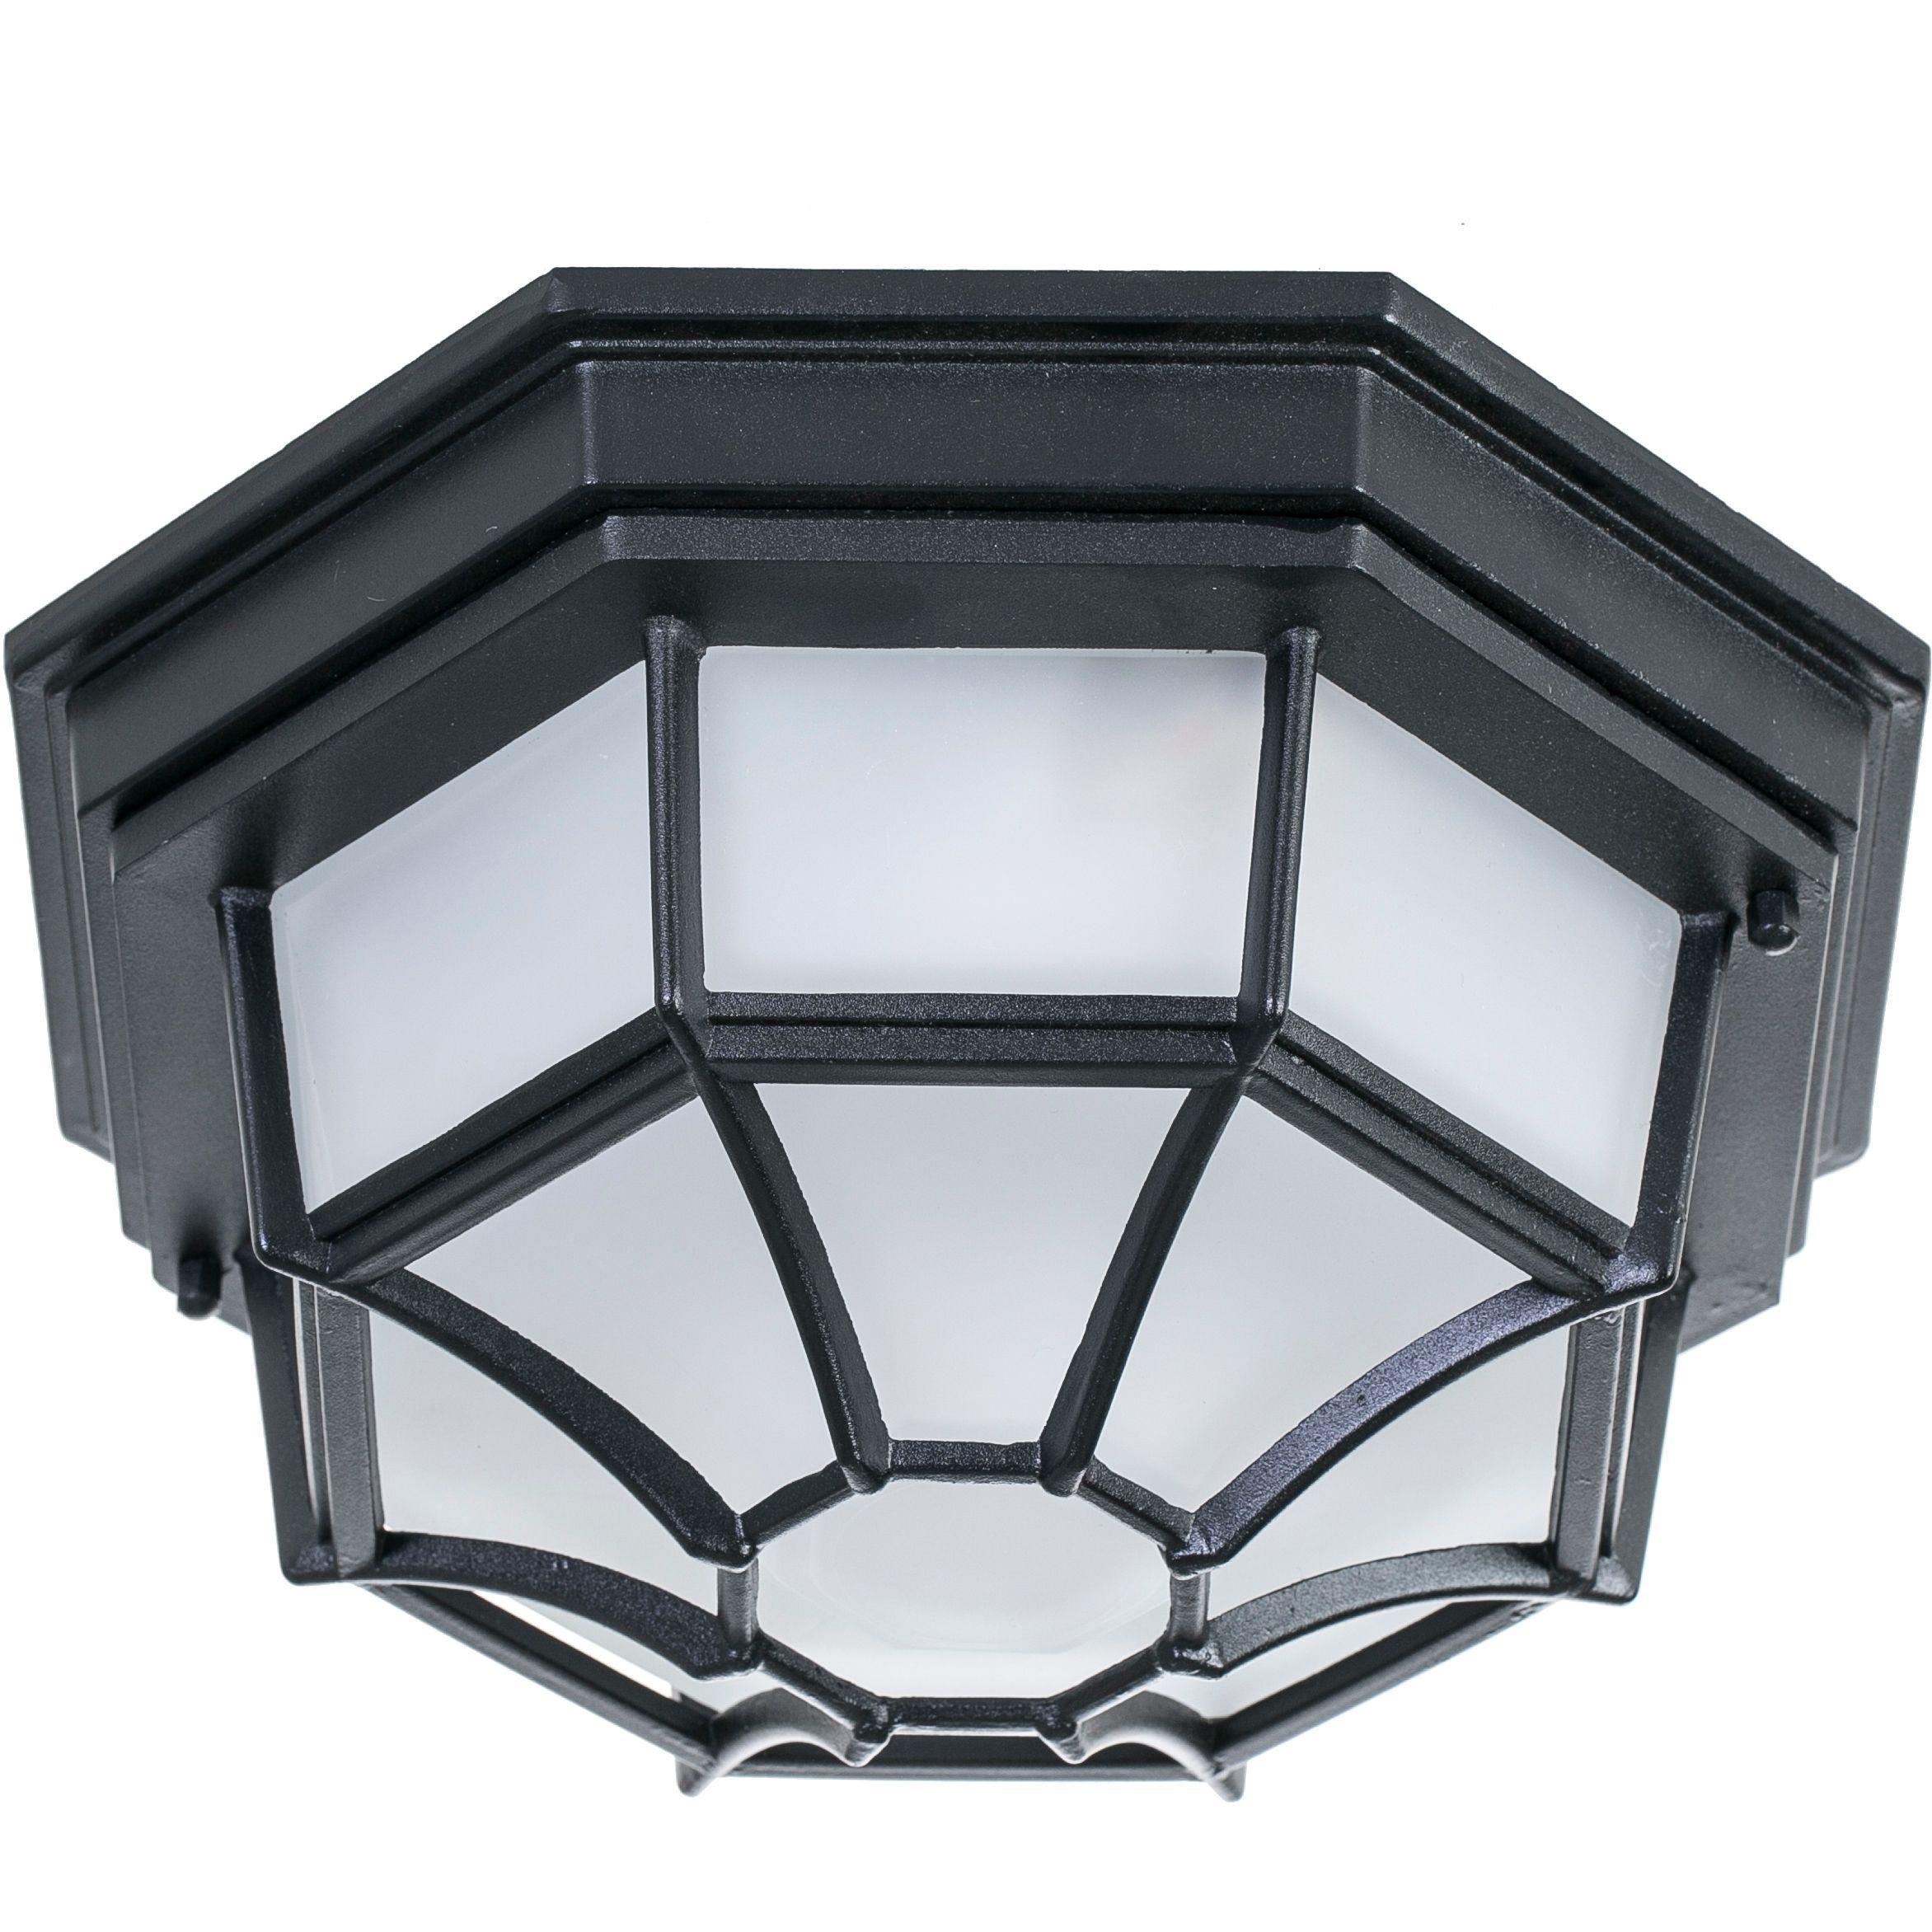 Livex Lighting Cast Aluminum Indoor/Outdoor 2-Light Ceiling Mount ...